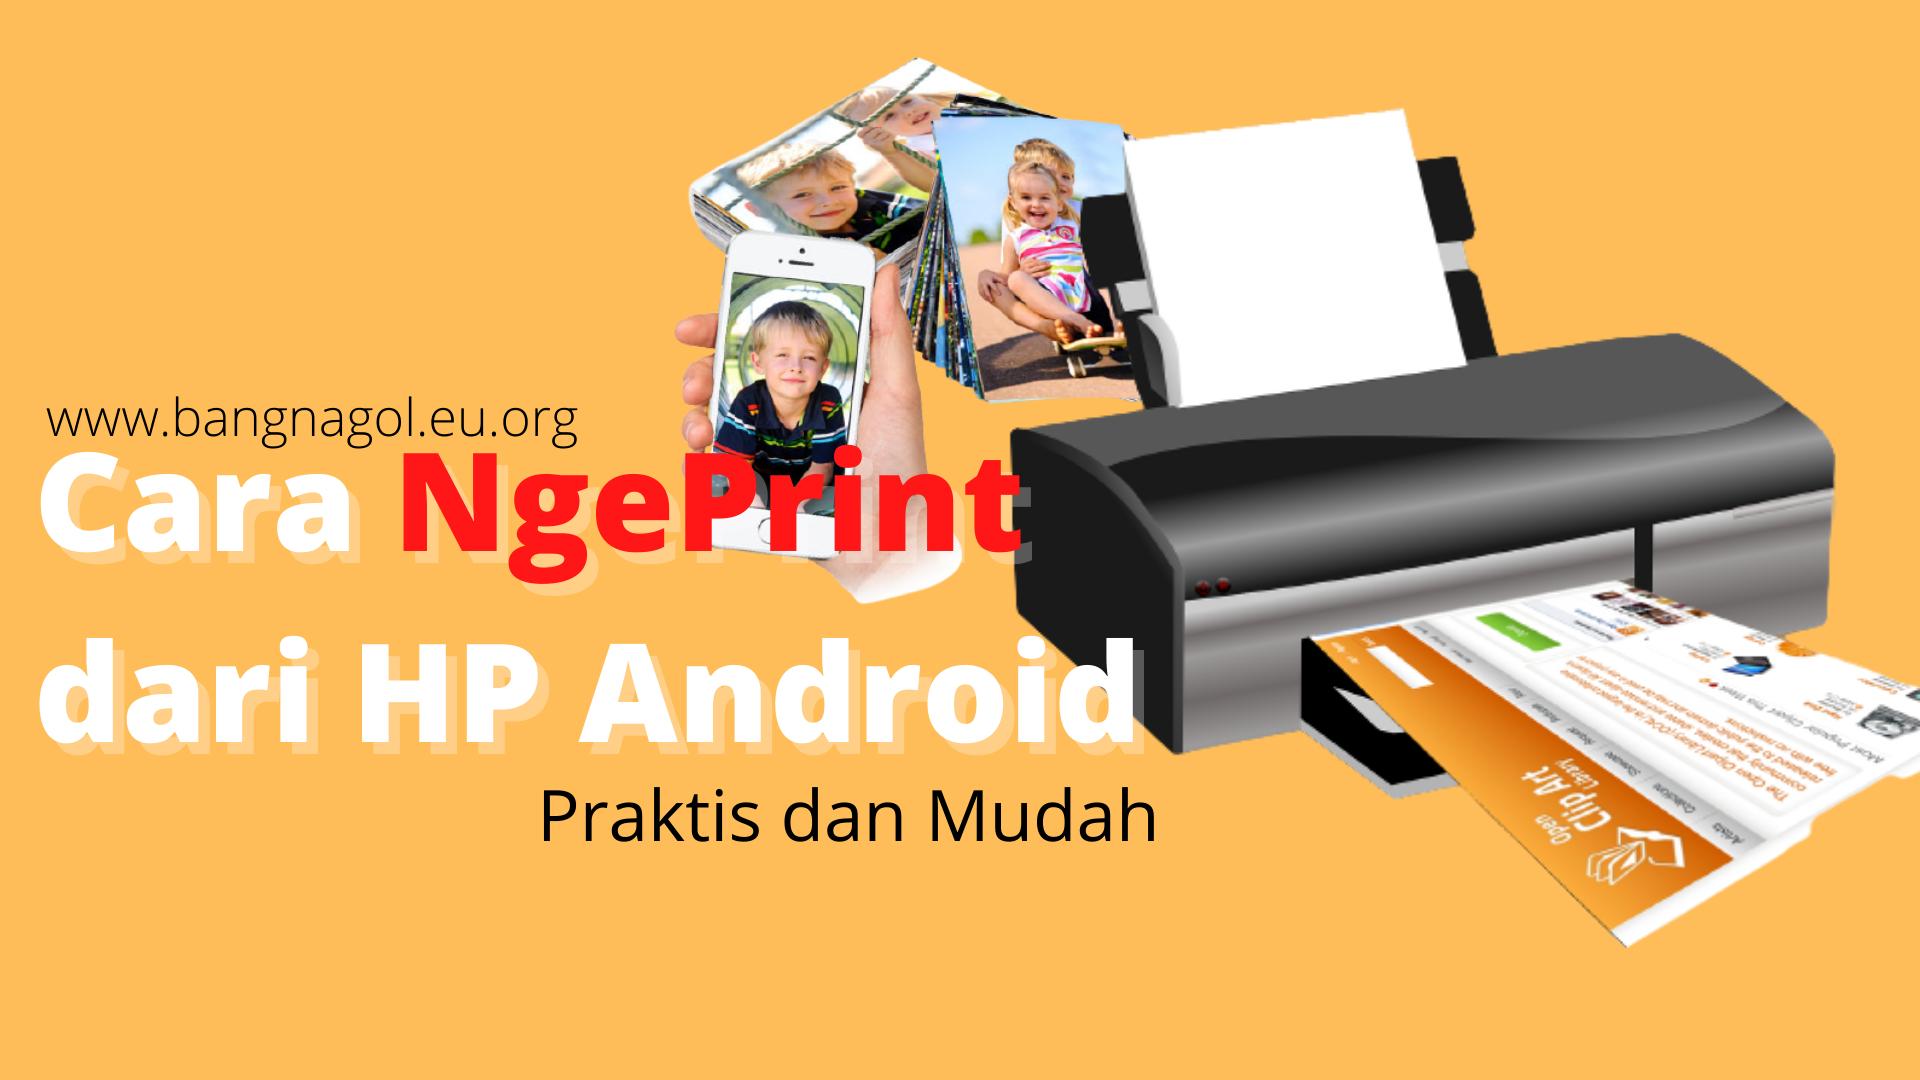 Print dari HP lewat OTG,Software dan Aplikasi,Tutorial Print melalui Android,Cara Ngeprint dari HP,Print dari HP tanpa Kabel,Ngeprint dari HP ke Printer,Print dari HP lewat Bluetooth dan WiFi,Print HP,